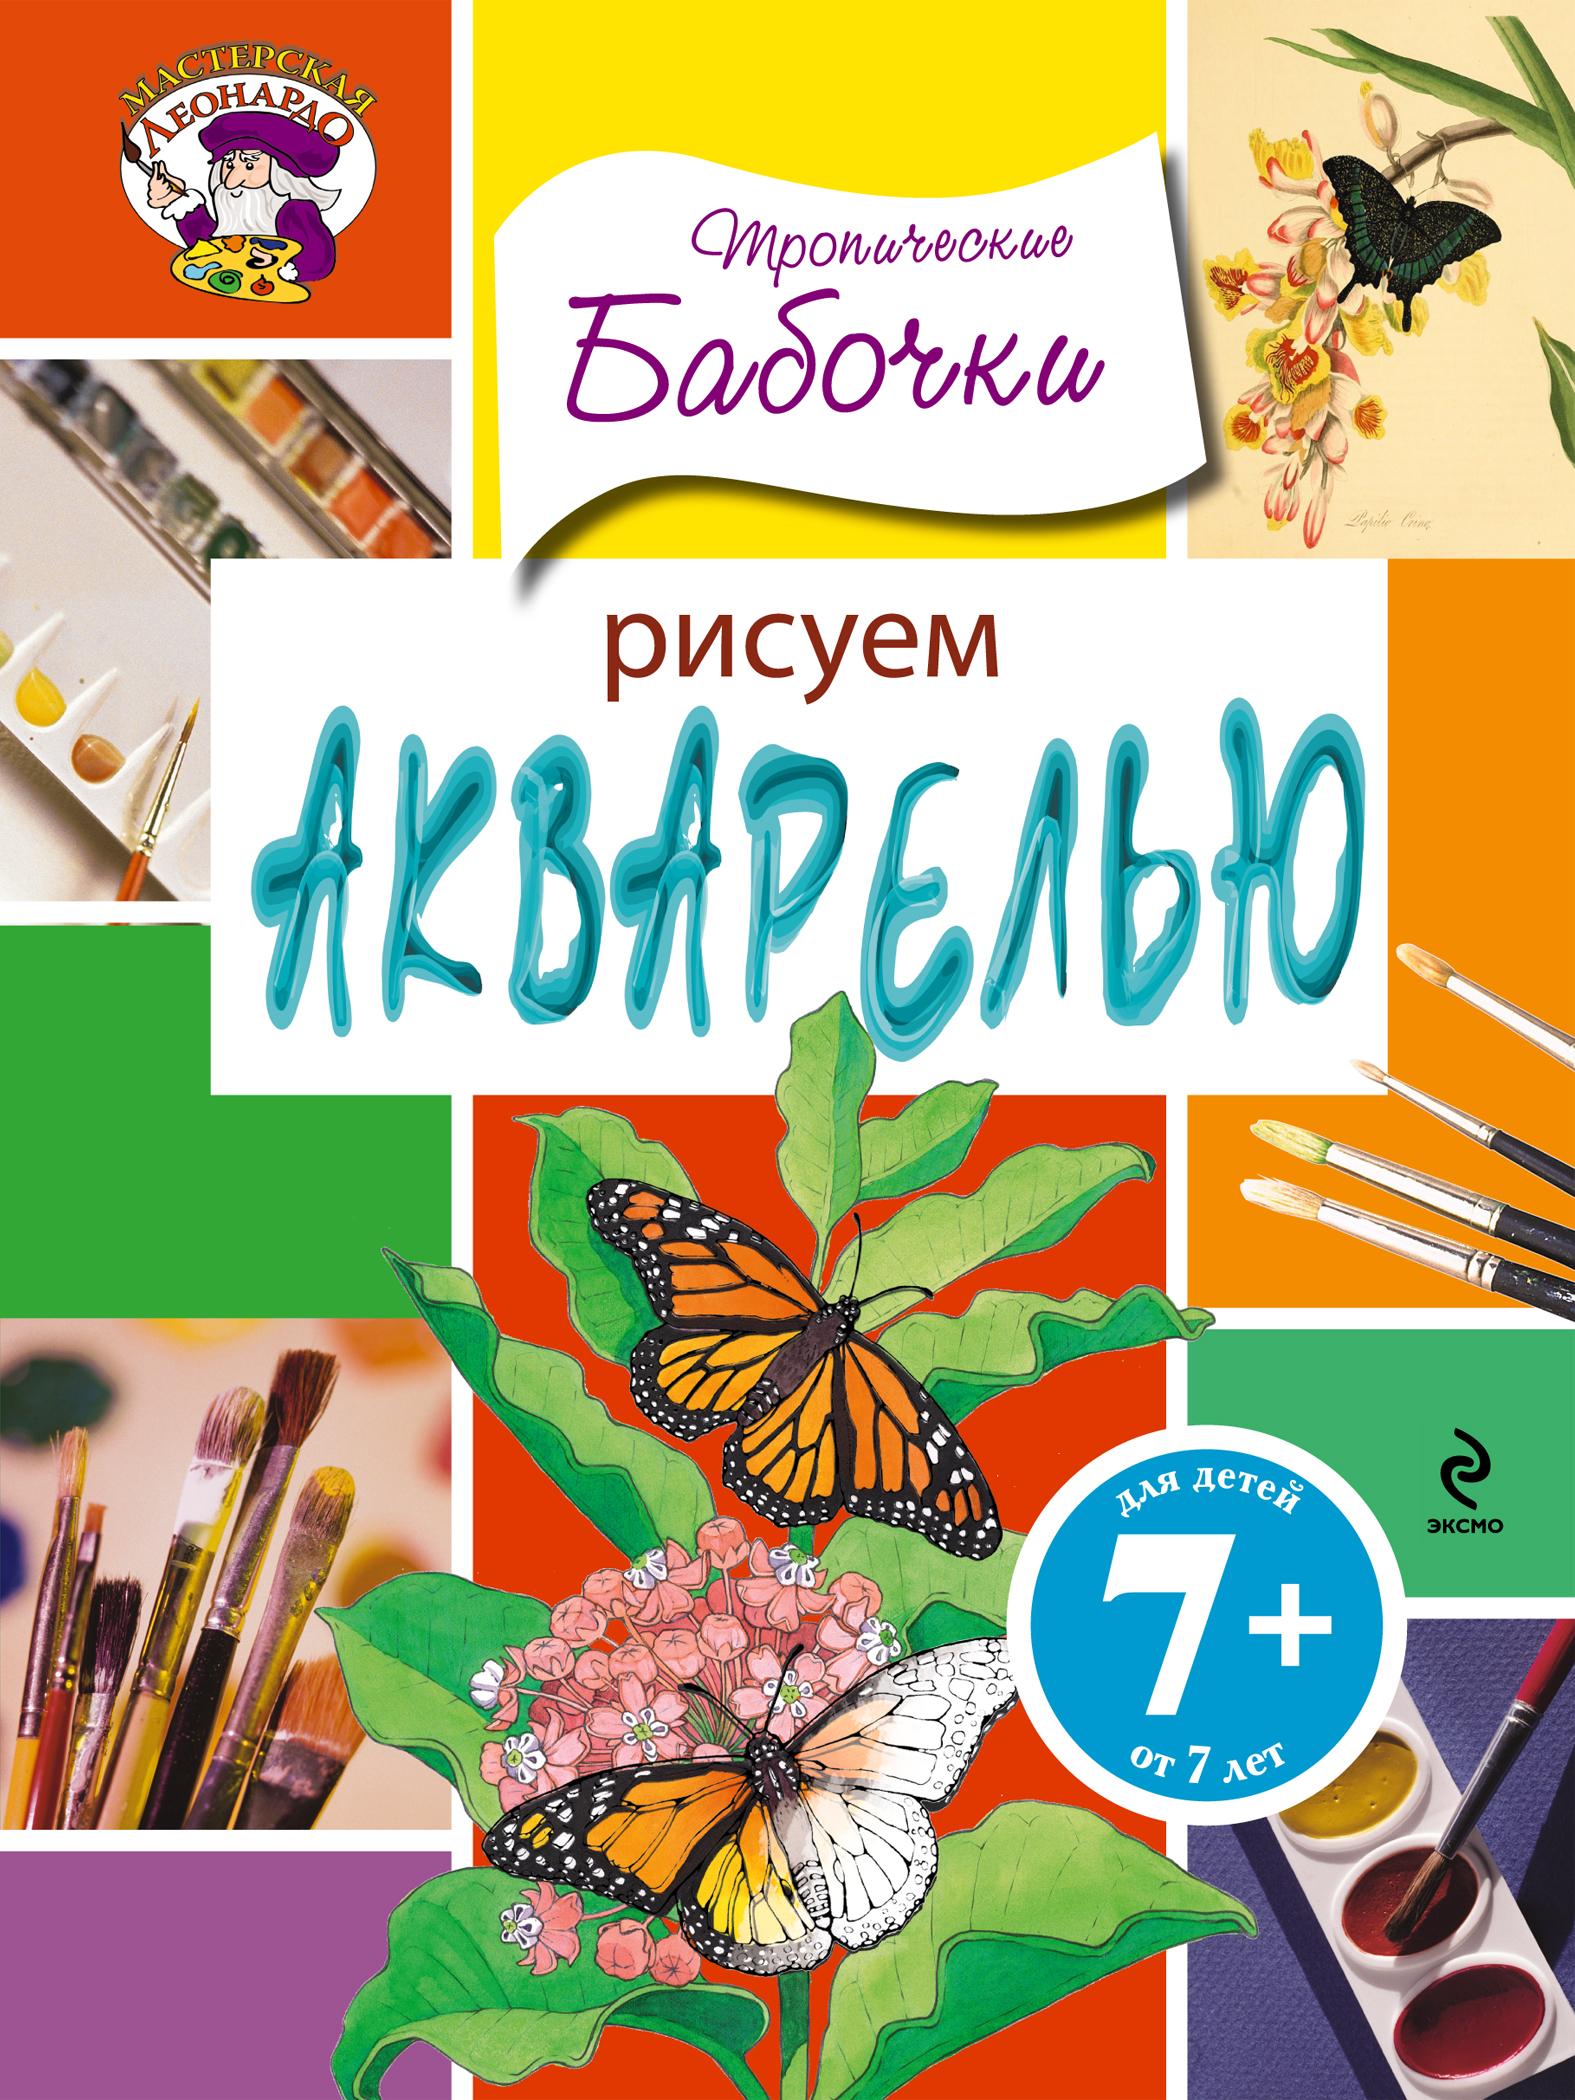 7+ Рисуем акварелью. Тропические бабочки от book24.ru